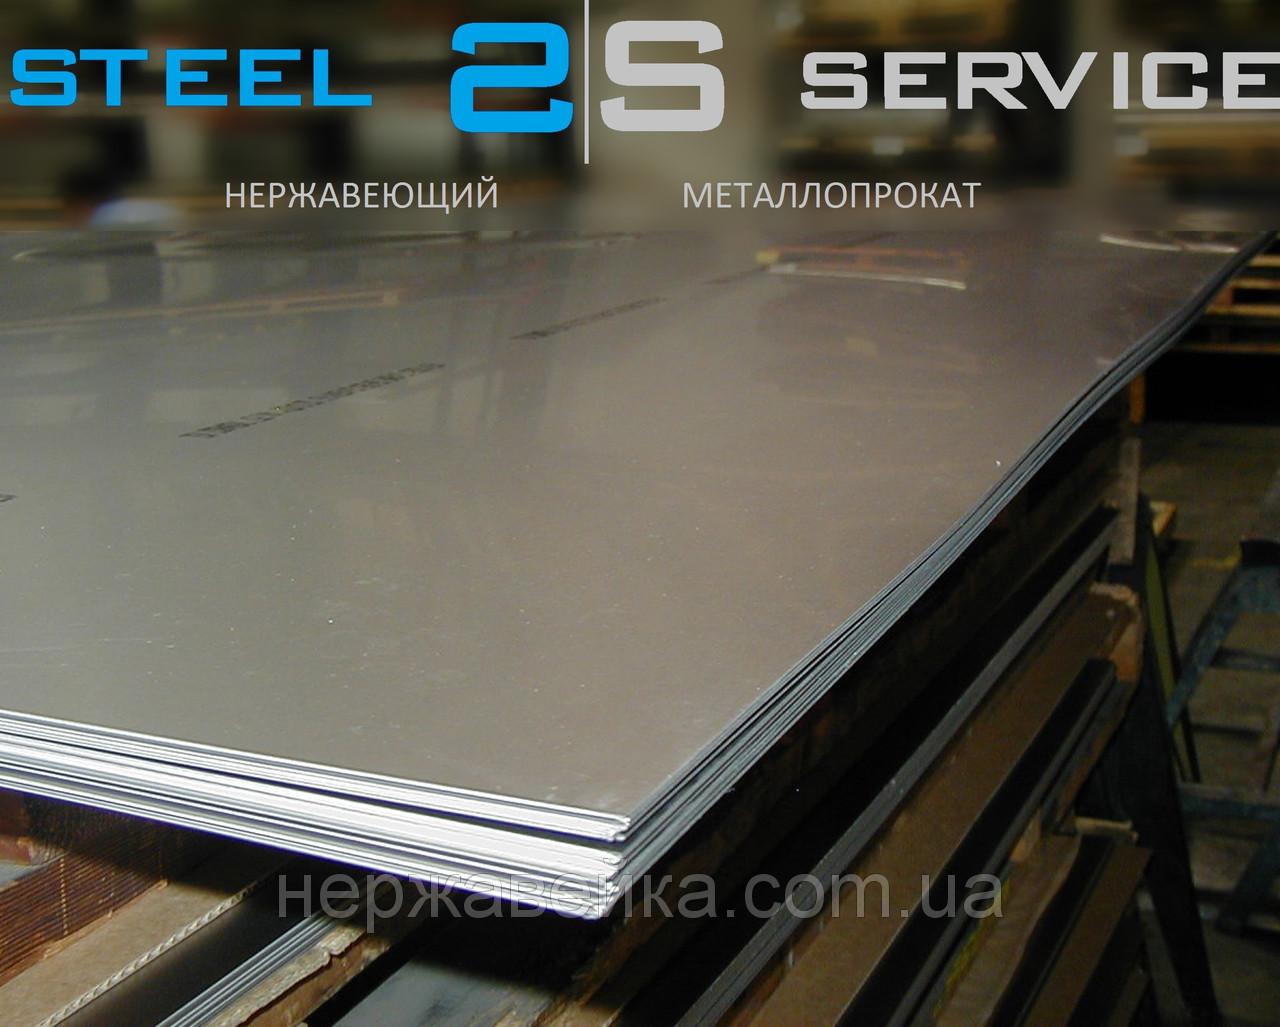 Нержавейка лист 10х1500х6000мм  AISI 321(08Х18Н10Т) F1 - горячекатанный,  пищевой